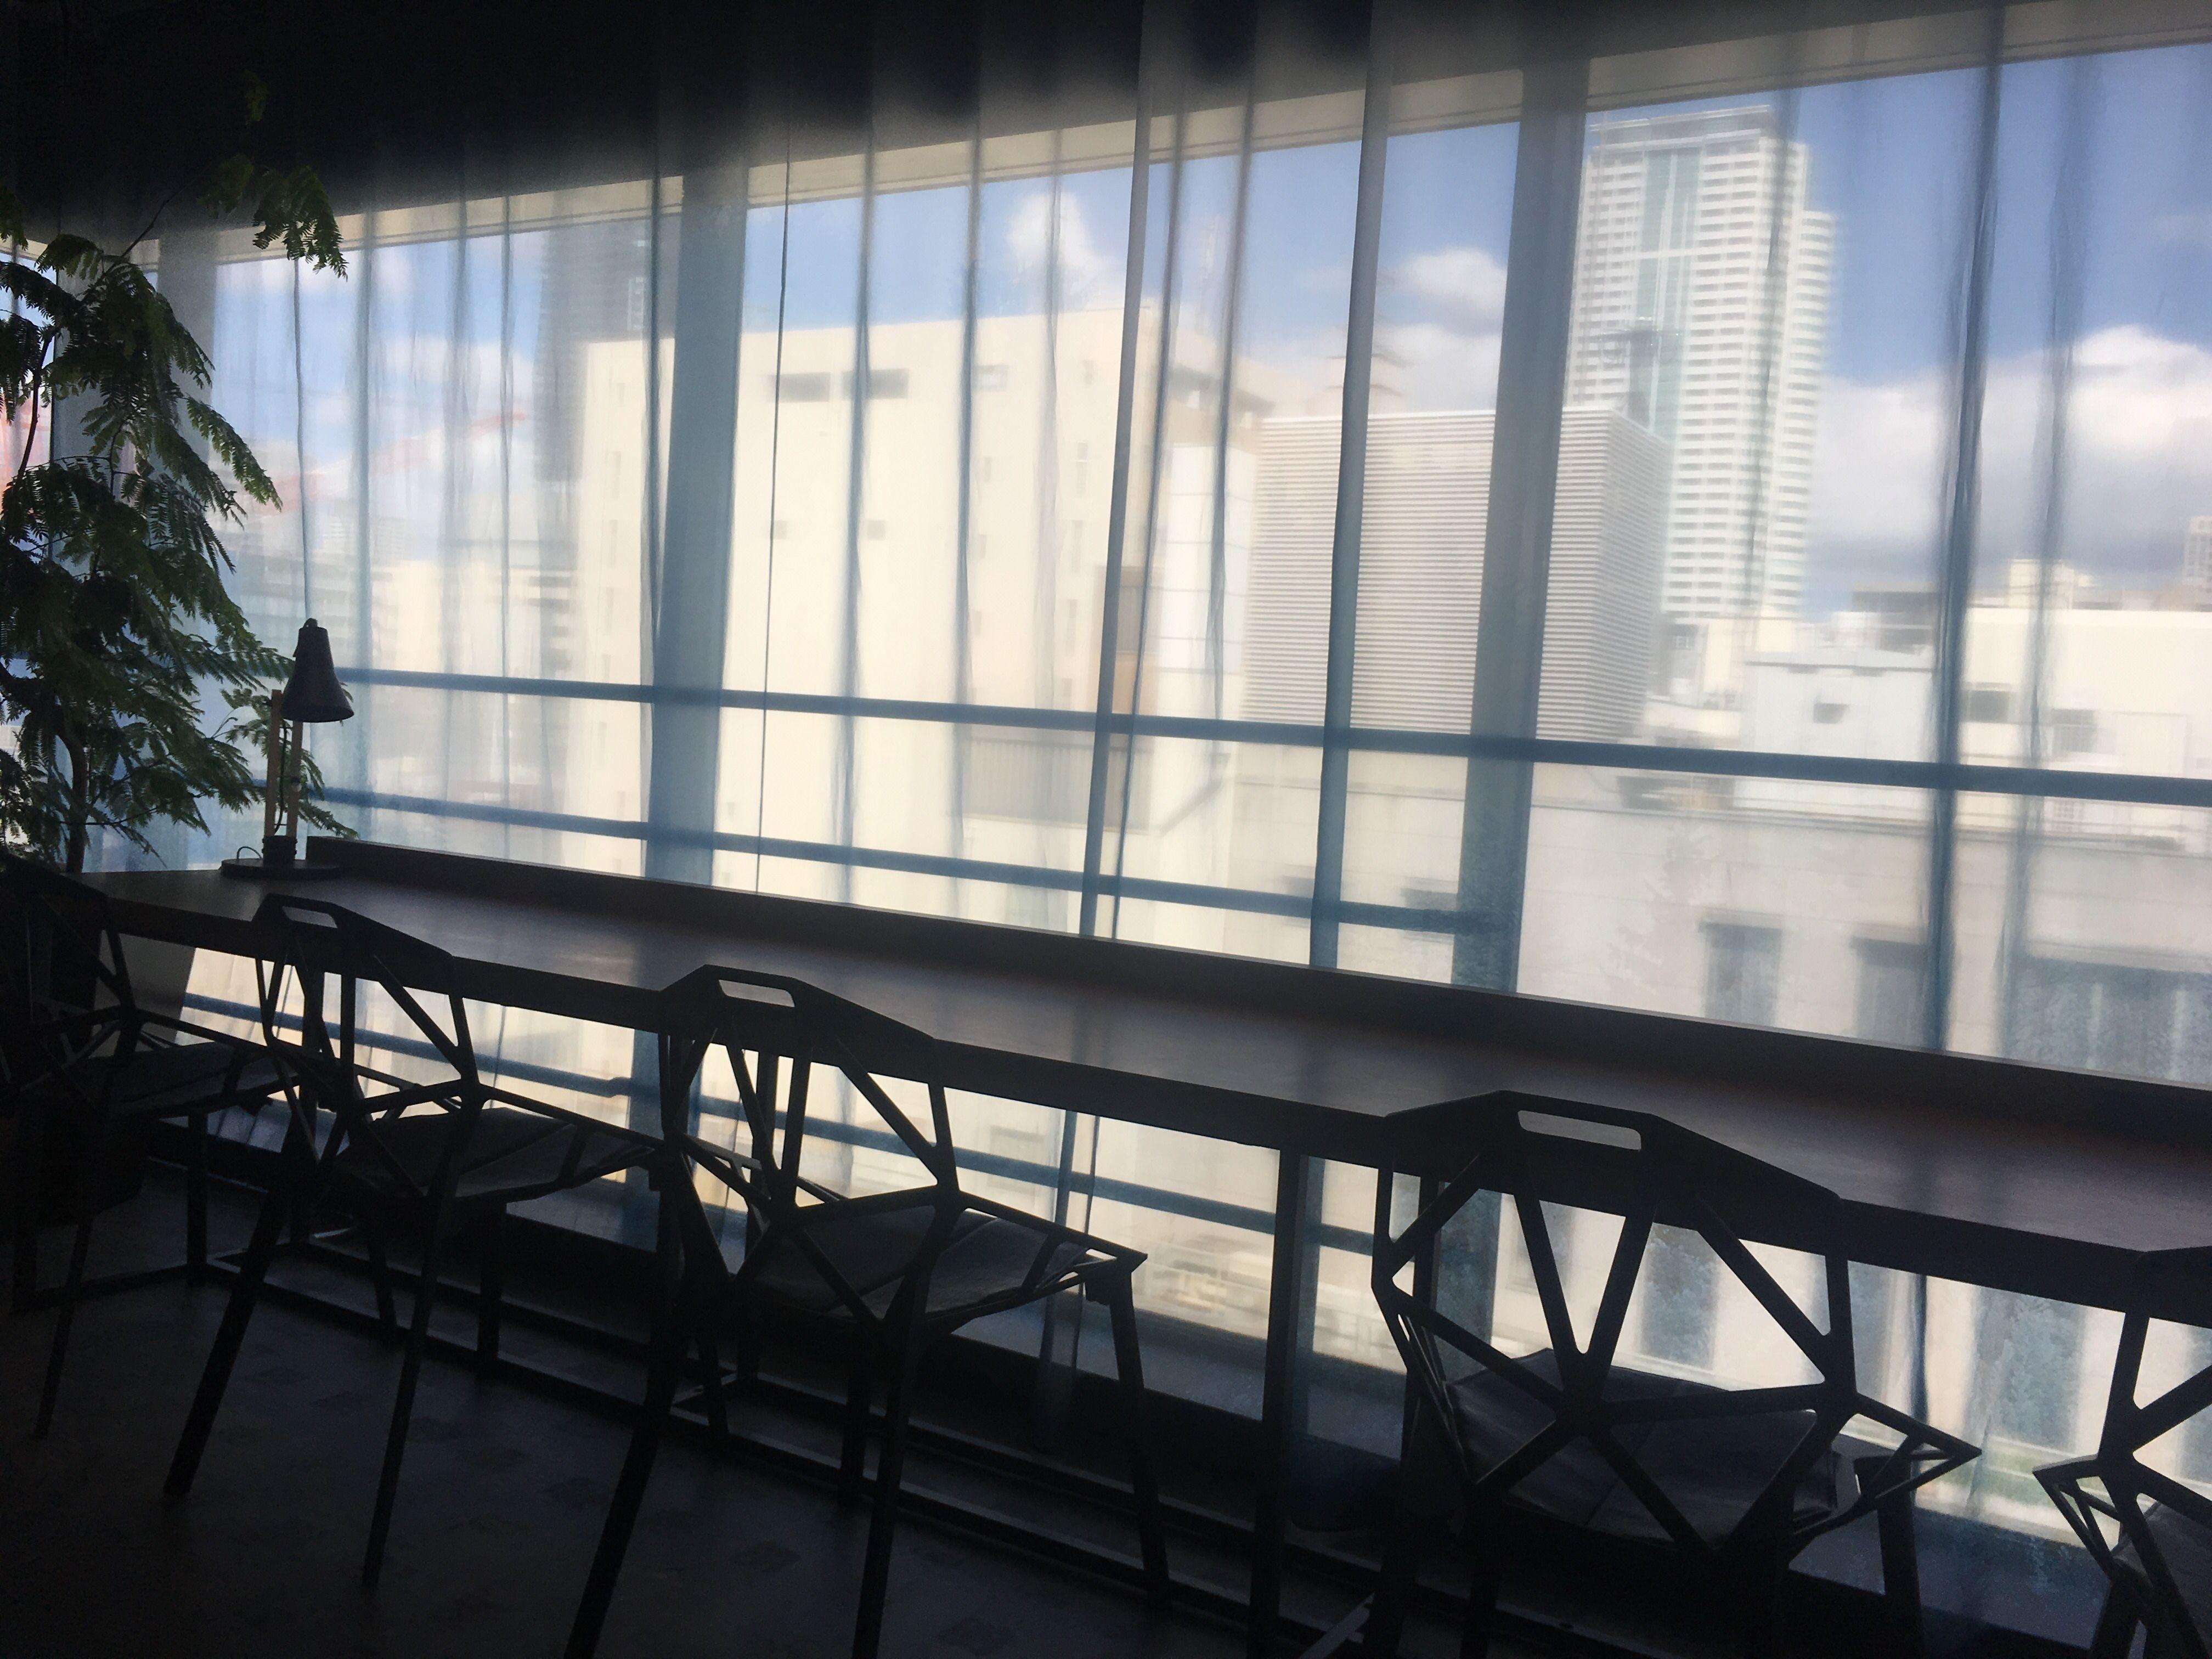 関西中国語・広東語グループ|Kansai Mandarin and Cantonese Learners' Group